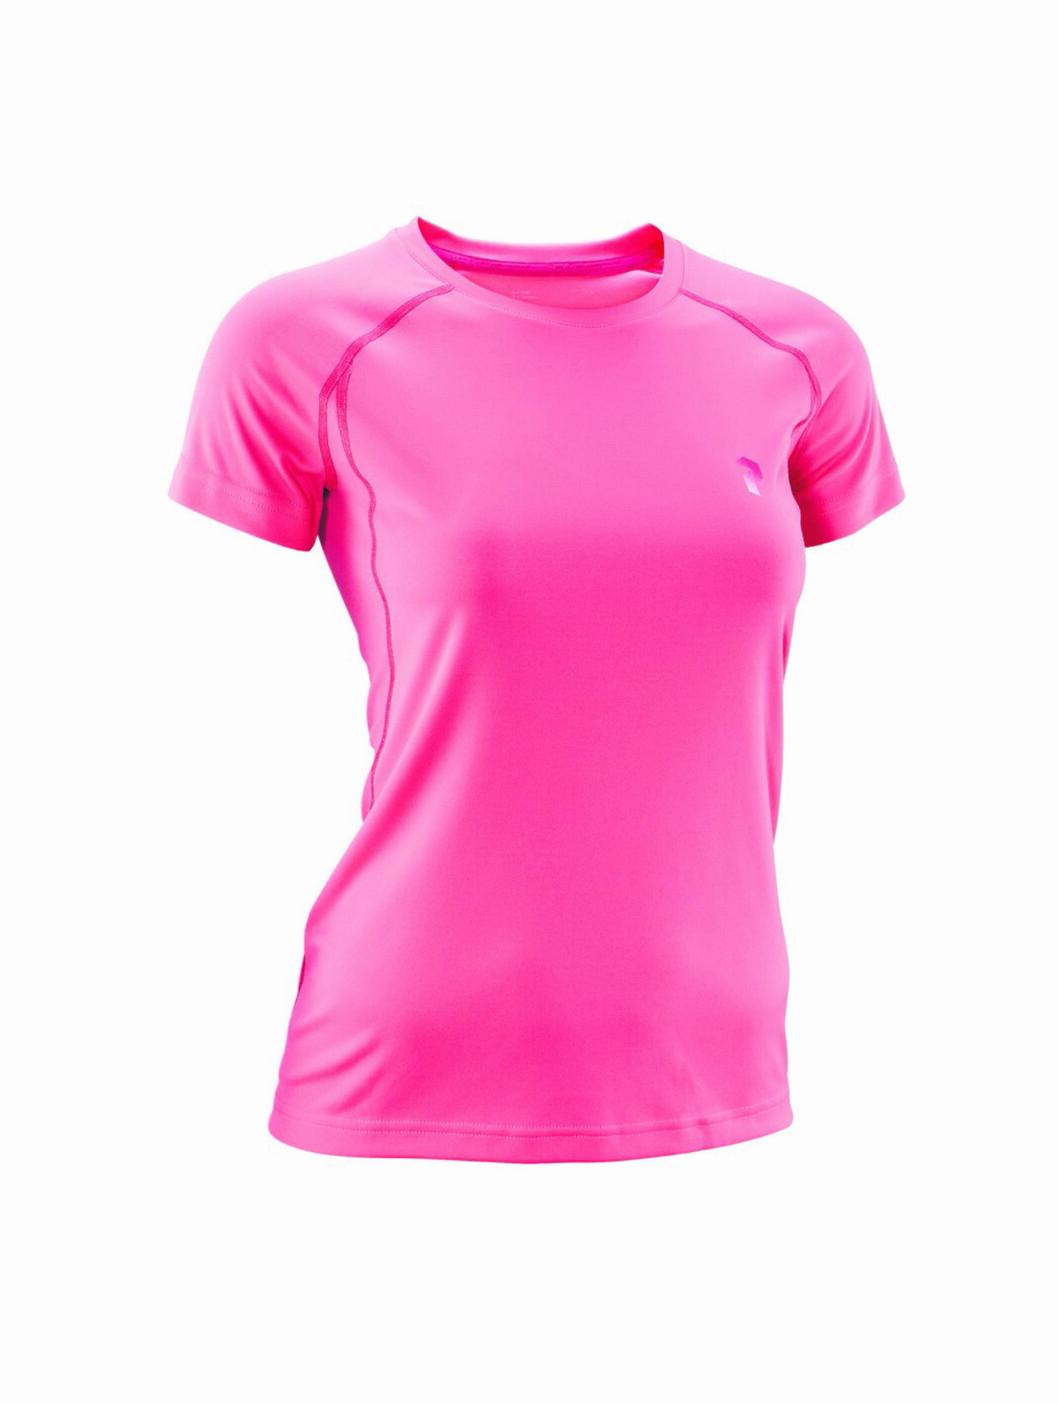 T-skjorte fra Peak Performance - 400 kroner.  Foto: Produsenten